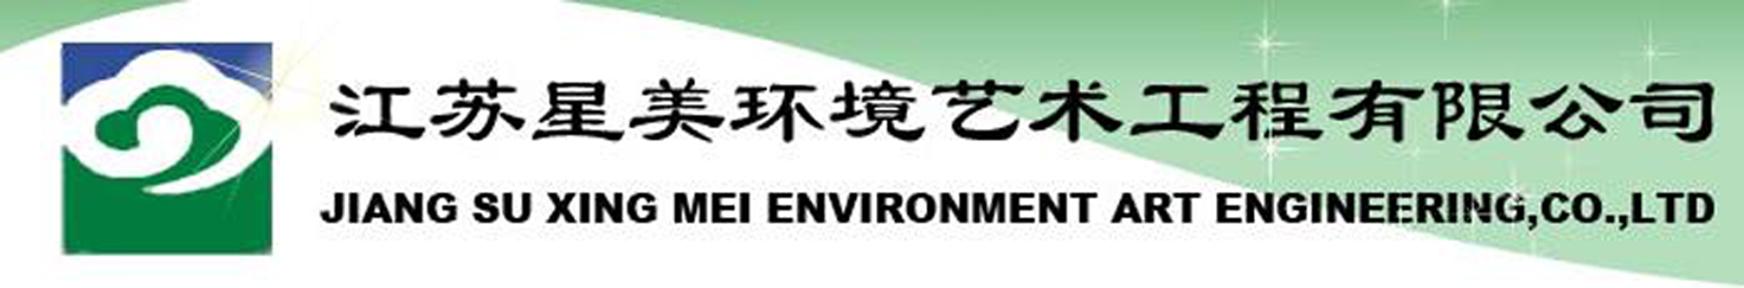 江苏星美环境艺术工程有限公司